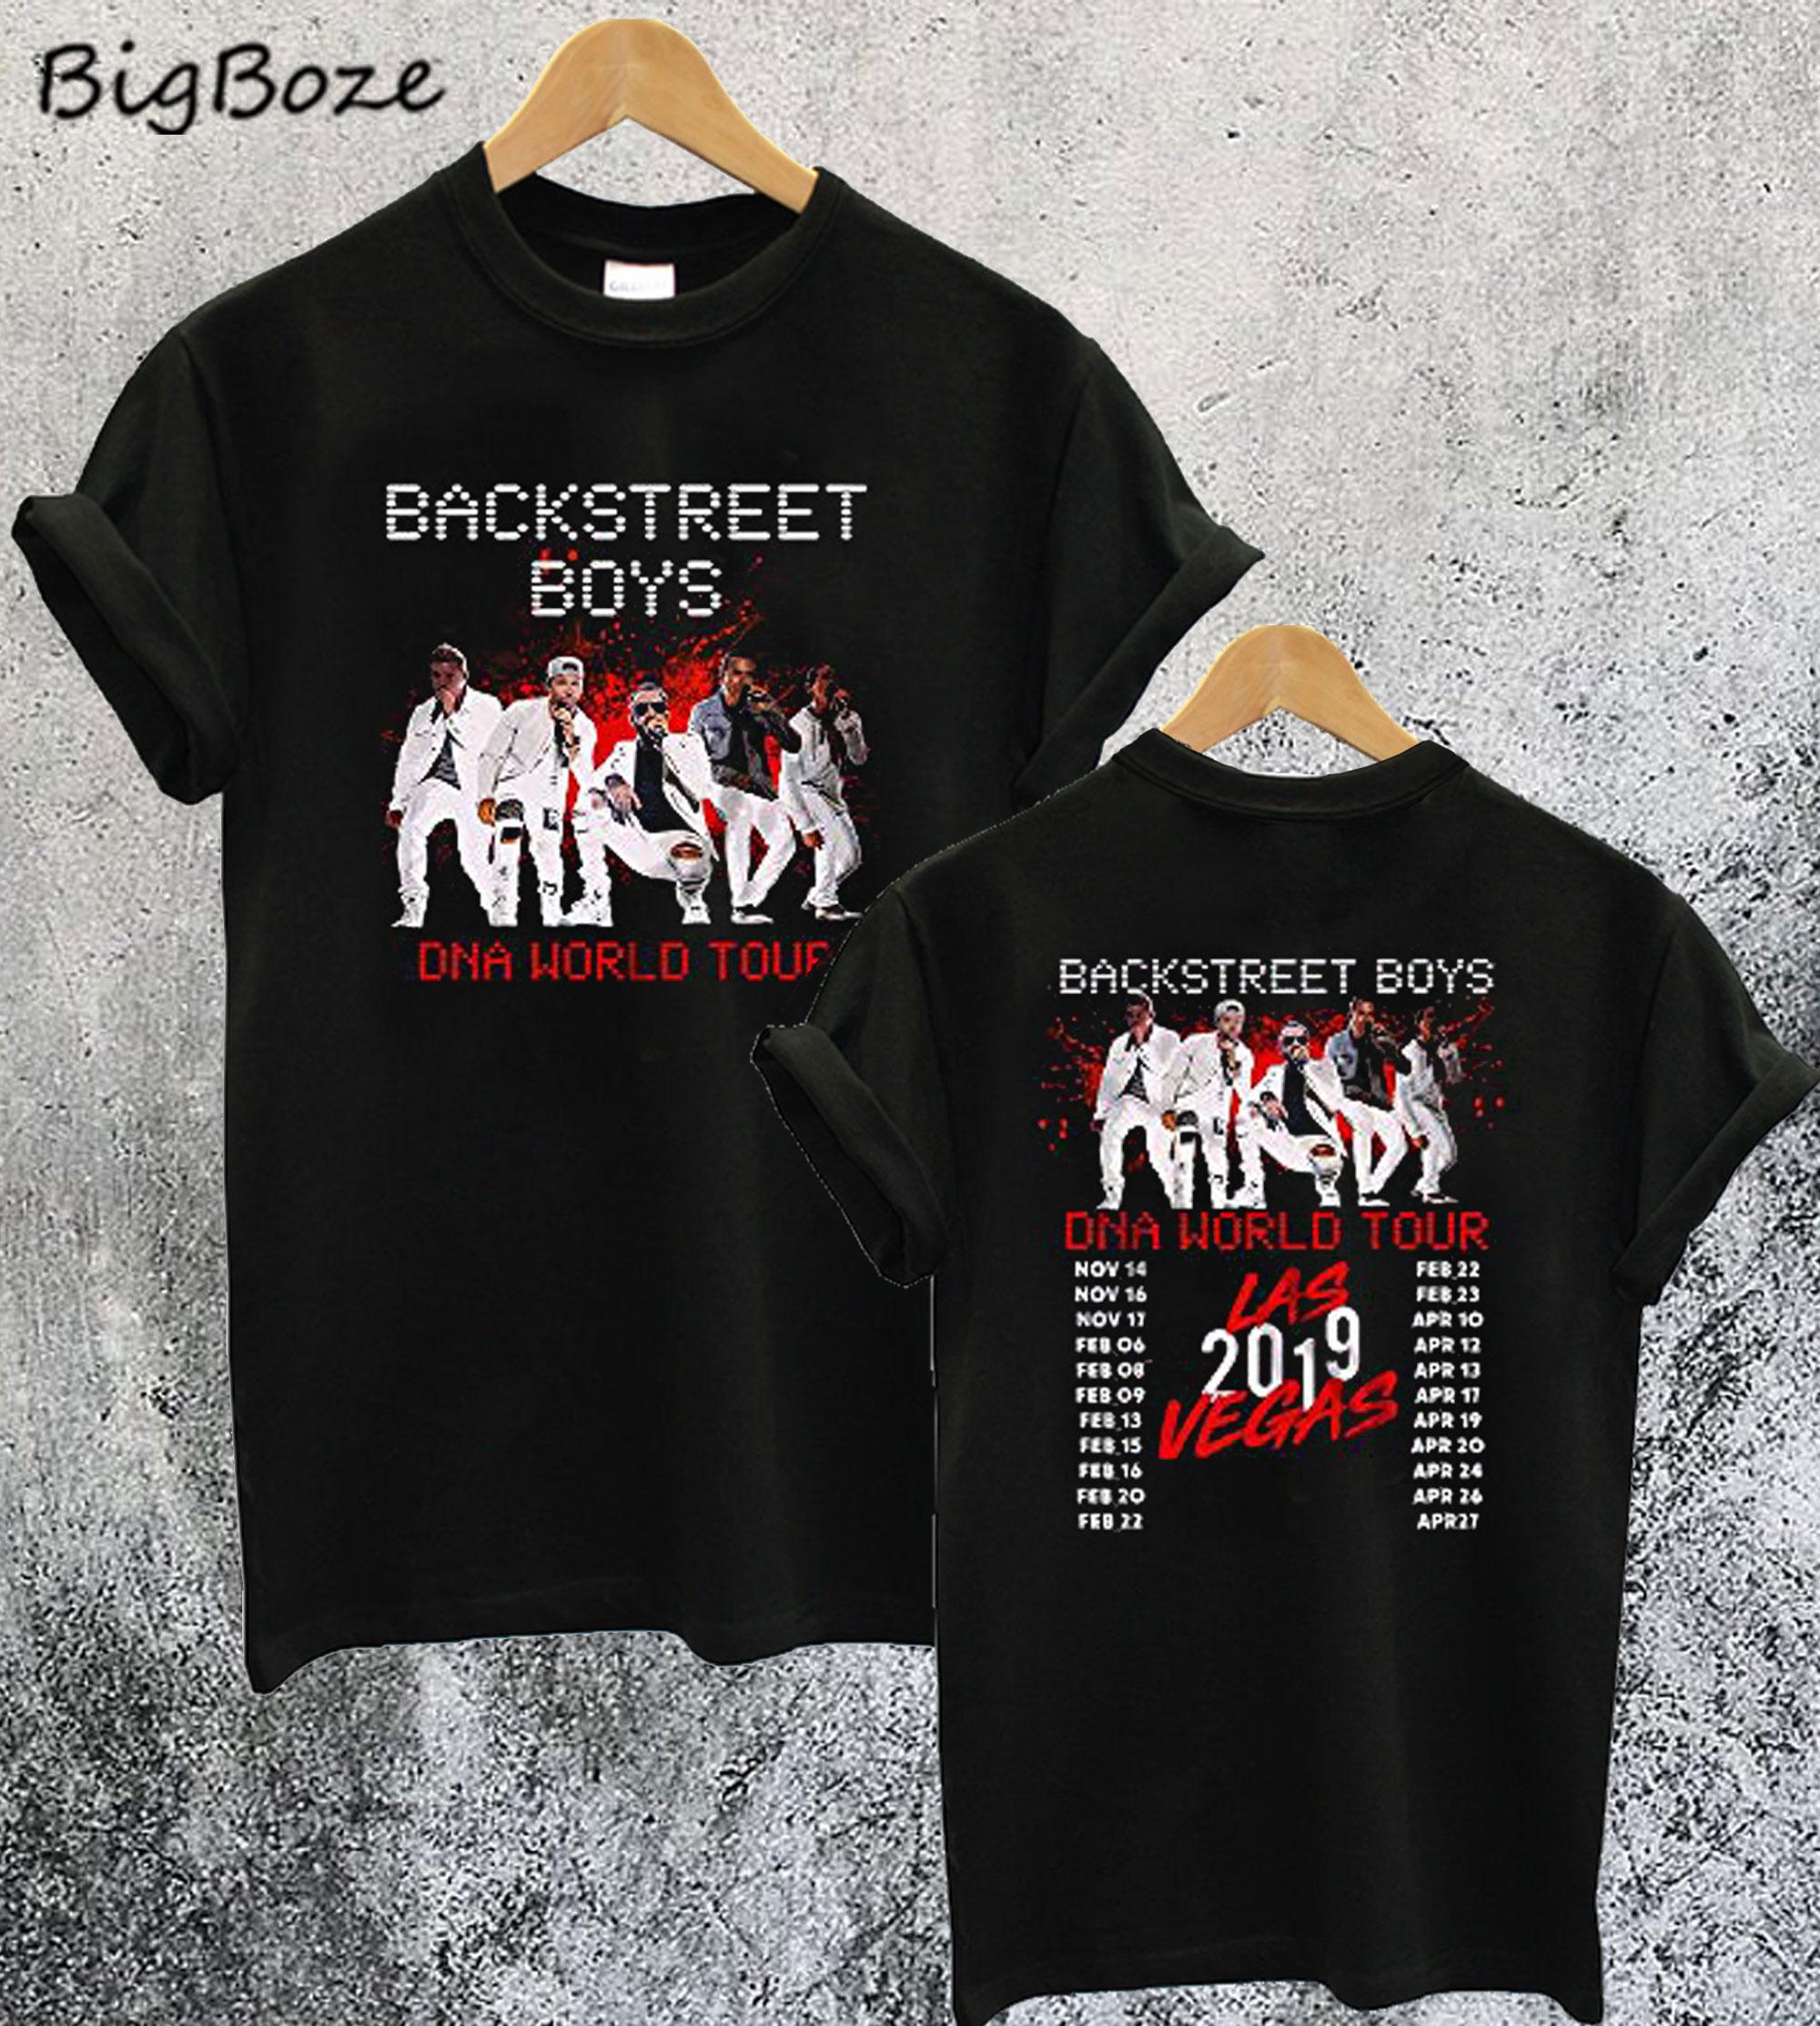 Backstreet Boys DNA World Tour Concert 2019 T-Shirt